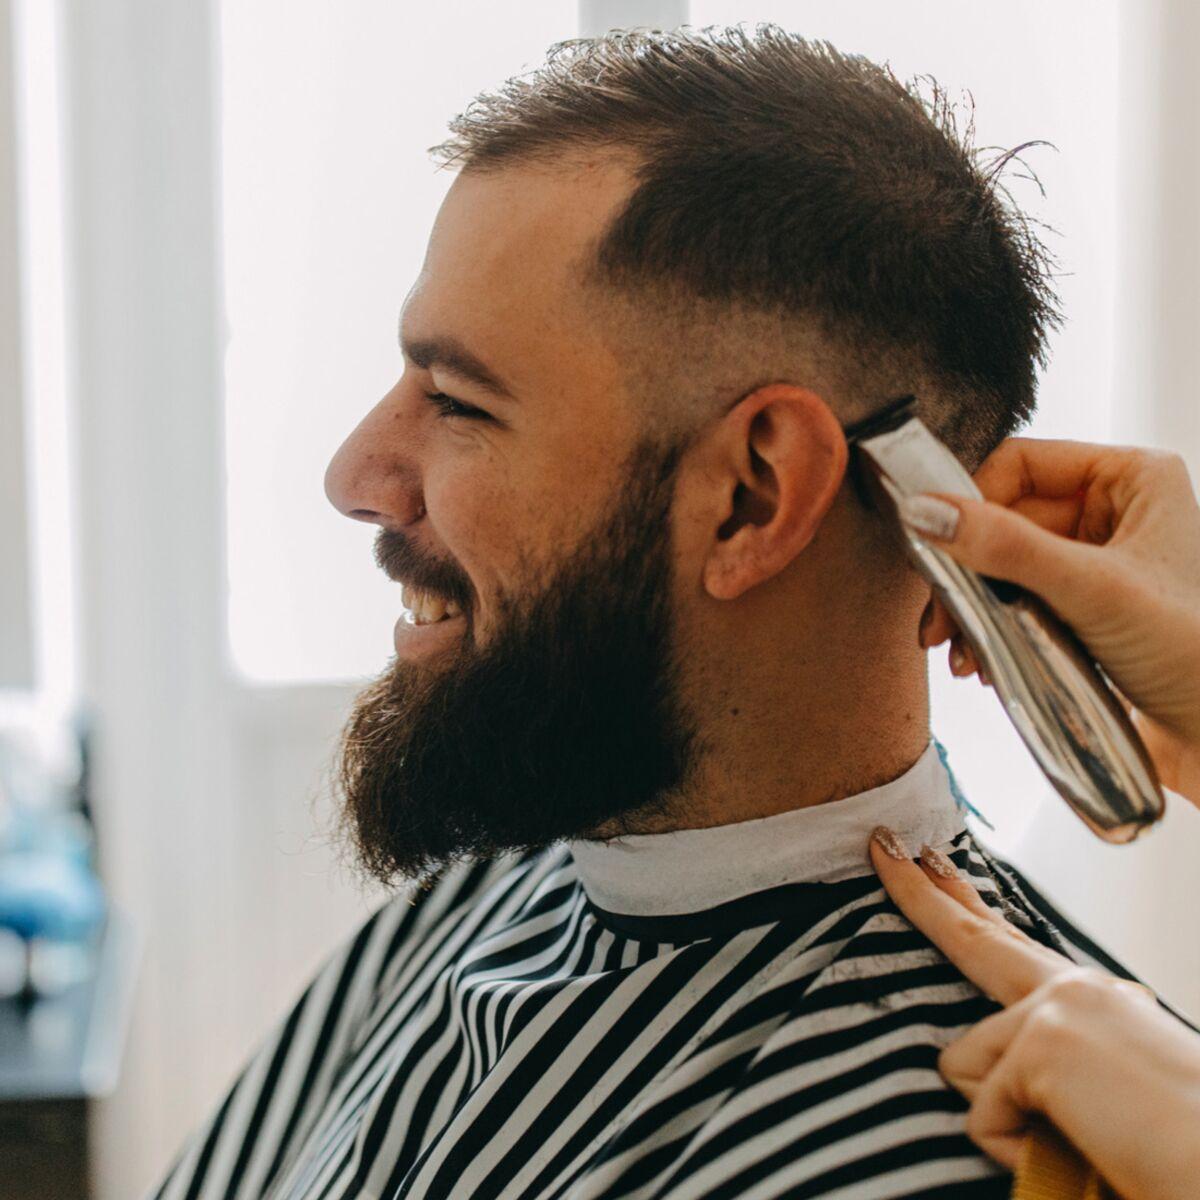 Comment Couper Les Cheveux D Un Homme A La Maison Femme Actuelle Le Mag